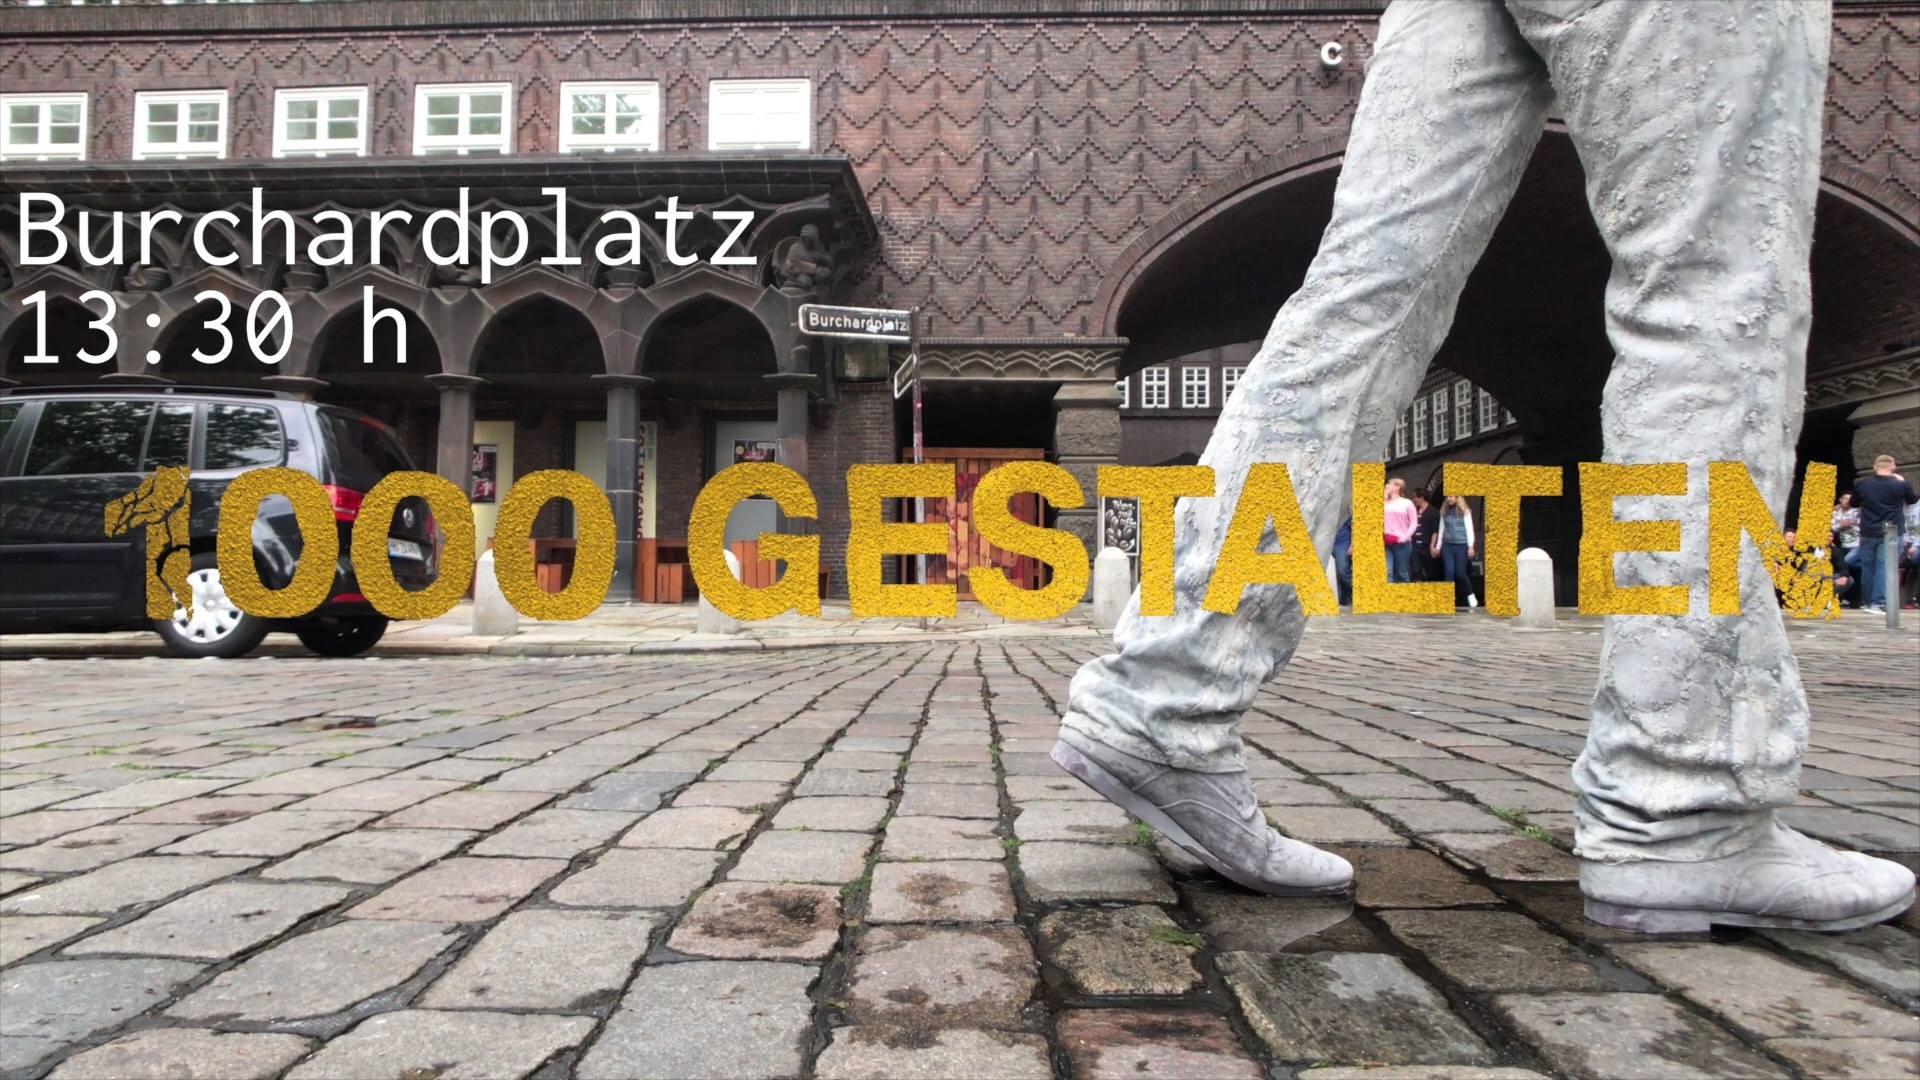 Die 1000 GESTALTEN | KunstAktion zum G20-Gipfel in Hamburg, findet am Mittwoch, den 05.07.2017, um 13:30 Uhr auf dem Burchardplatz statt.  Kommt und begegnet den 1000 GESTALTEN!  ************english version************  The 1000 GESTALTEN performance